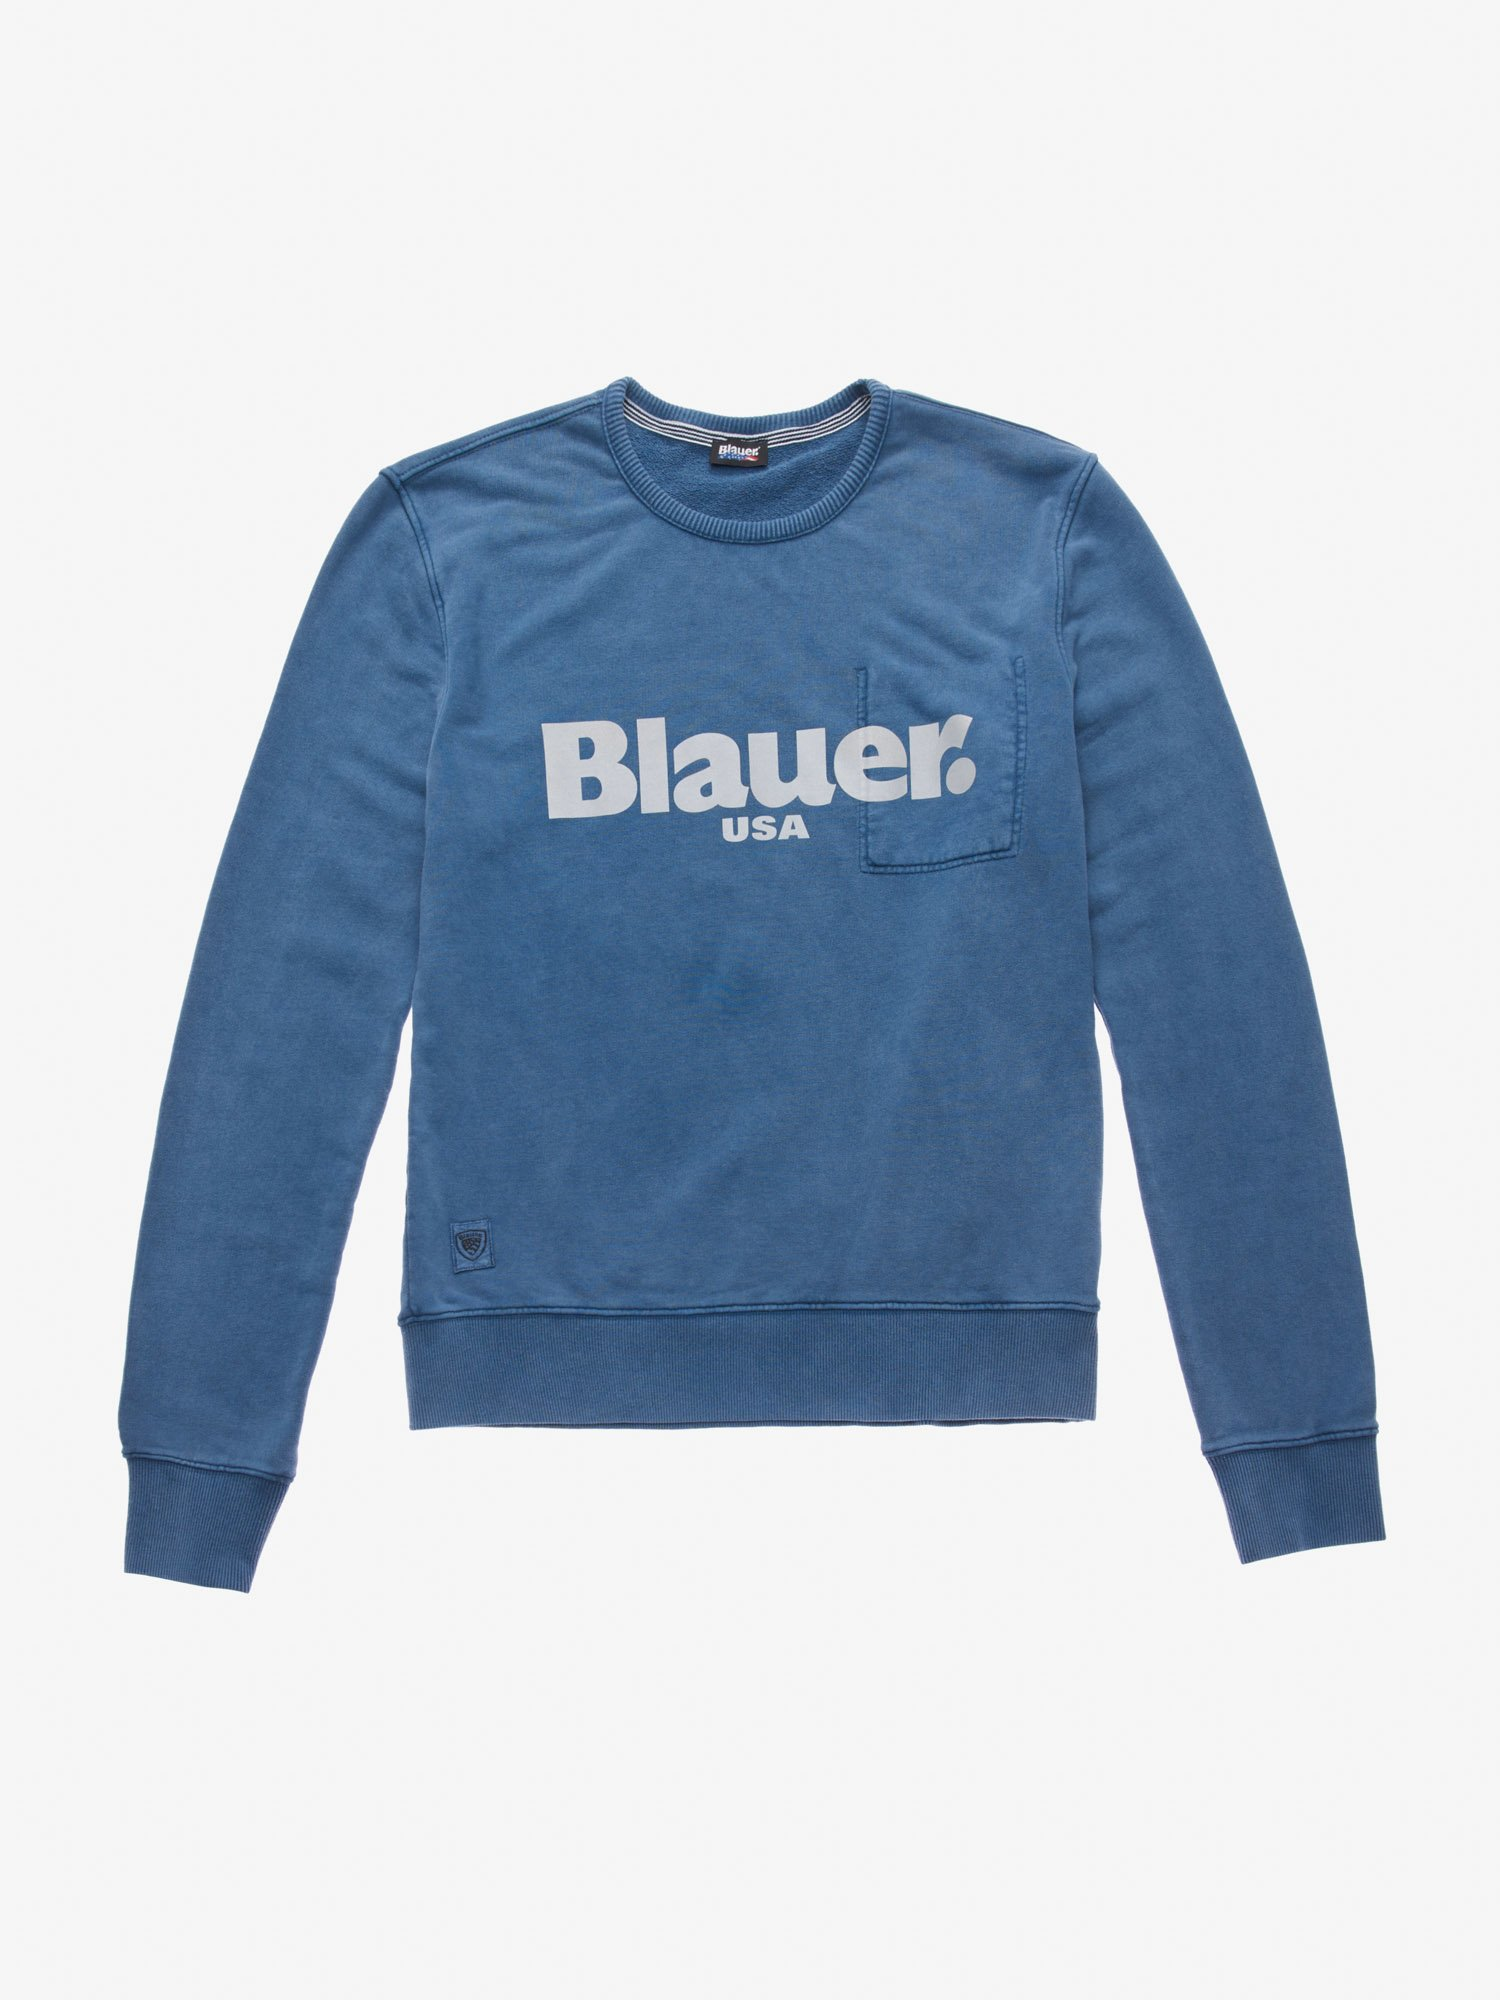 GARMENT DYED CREWNECK SWEATSHIRT - Blauer